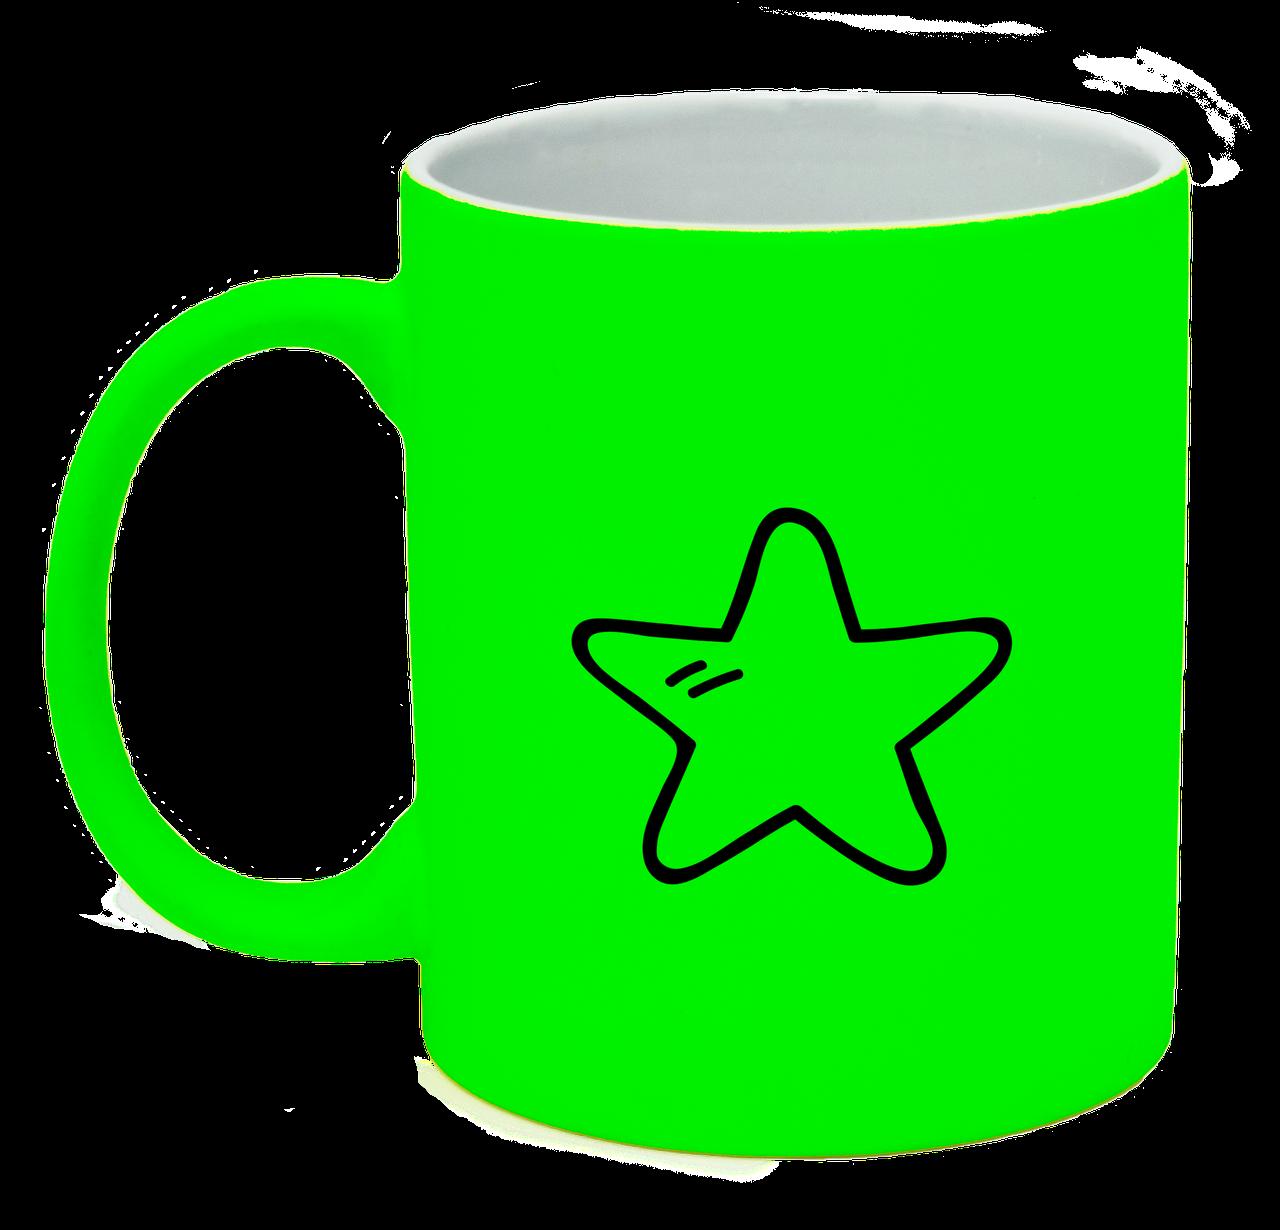 Неоновая матовая чашка Звездочка, ярко-зеленая